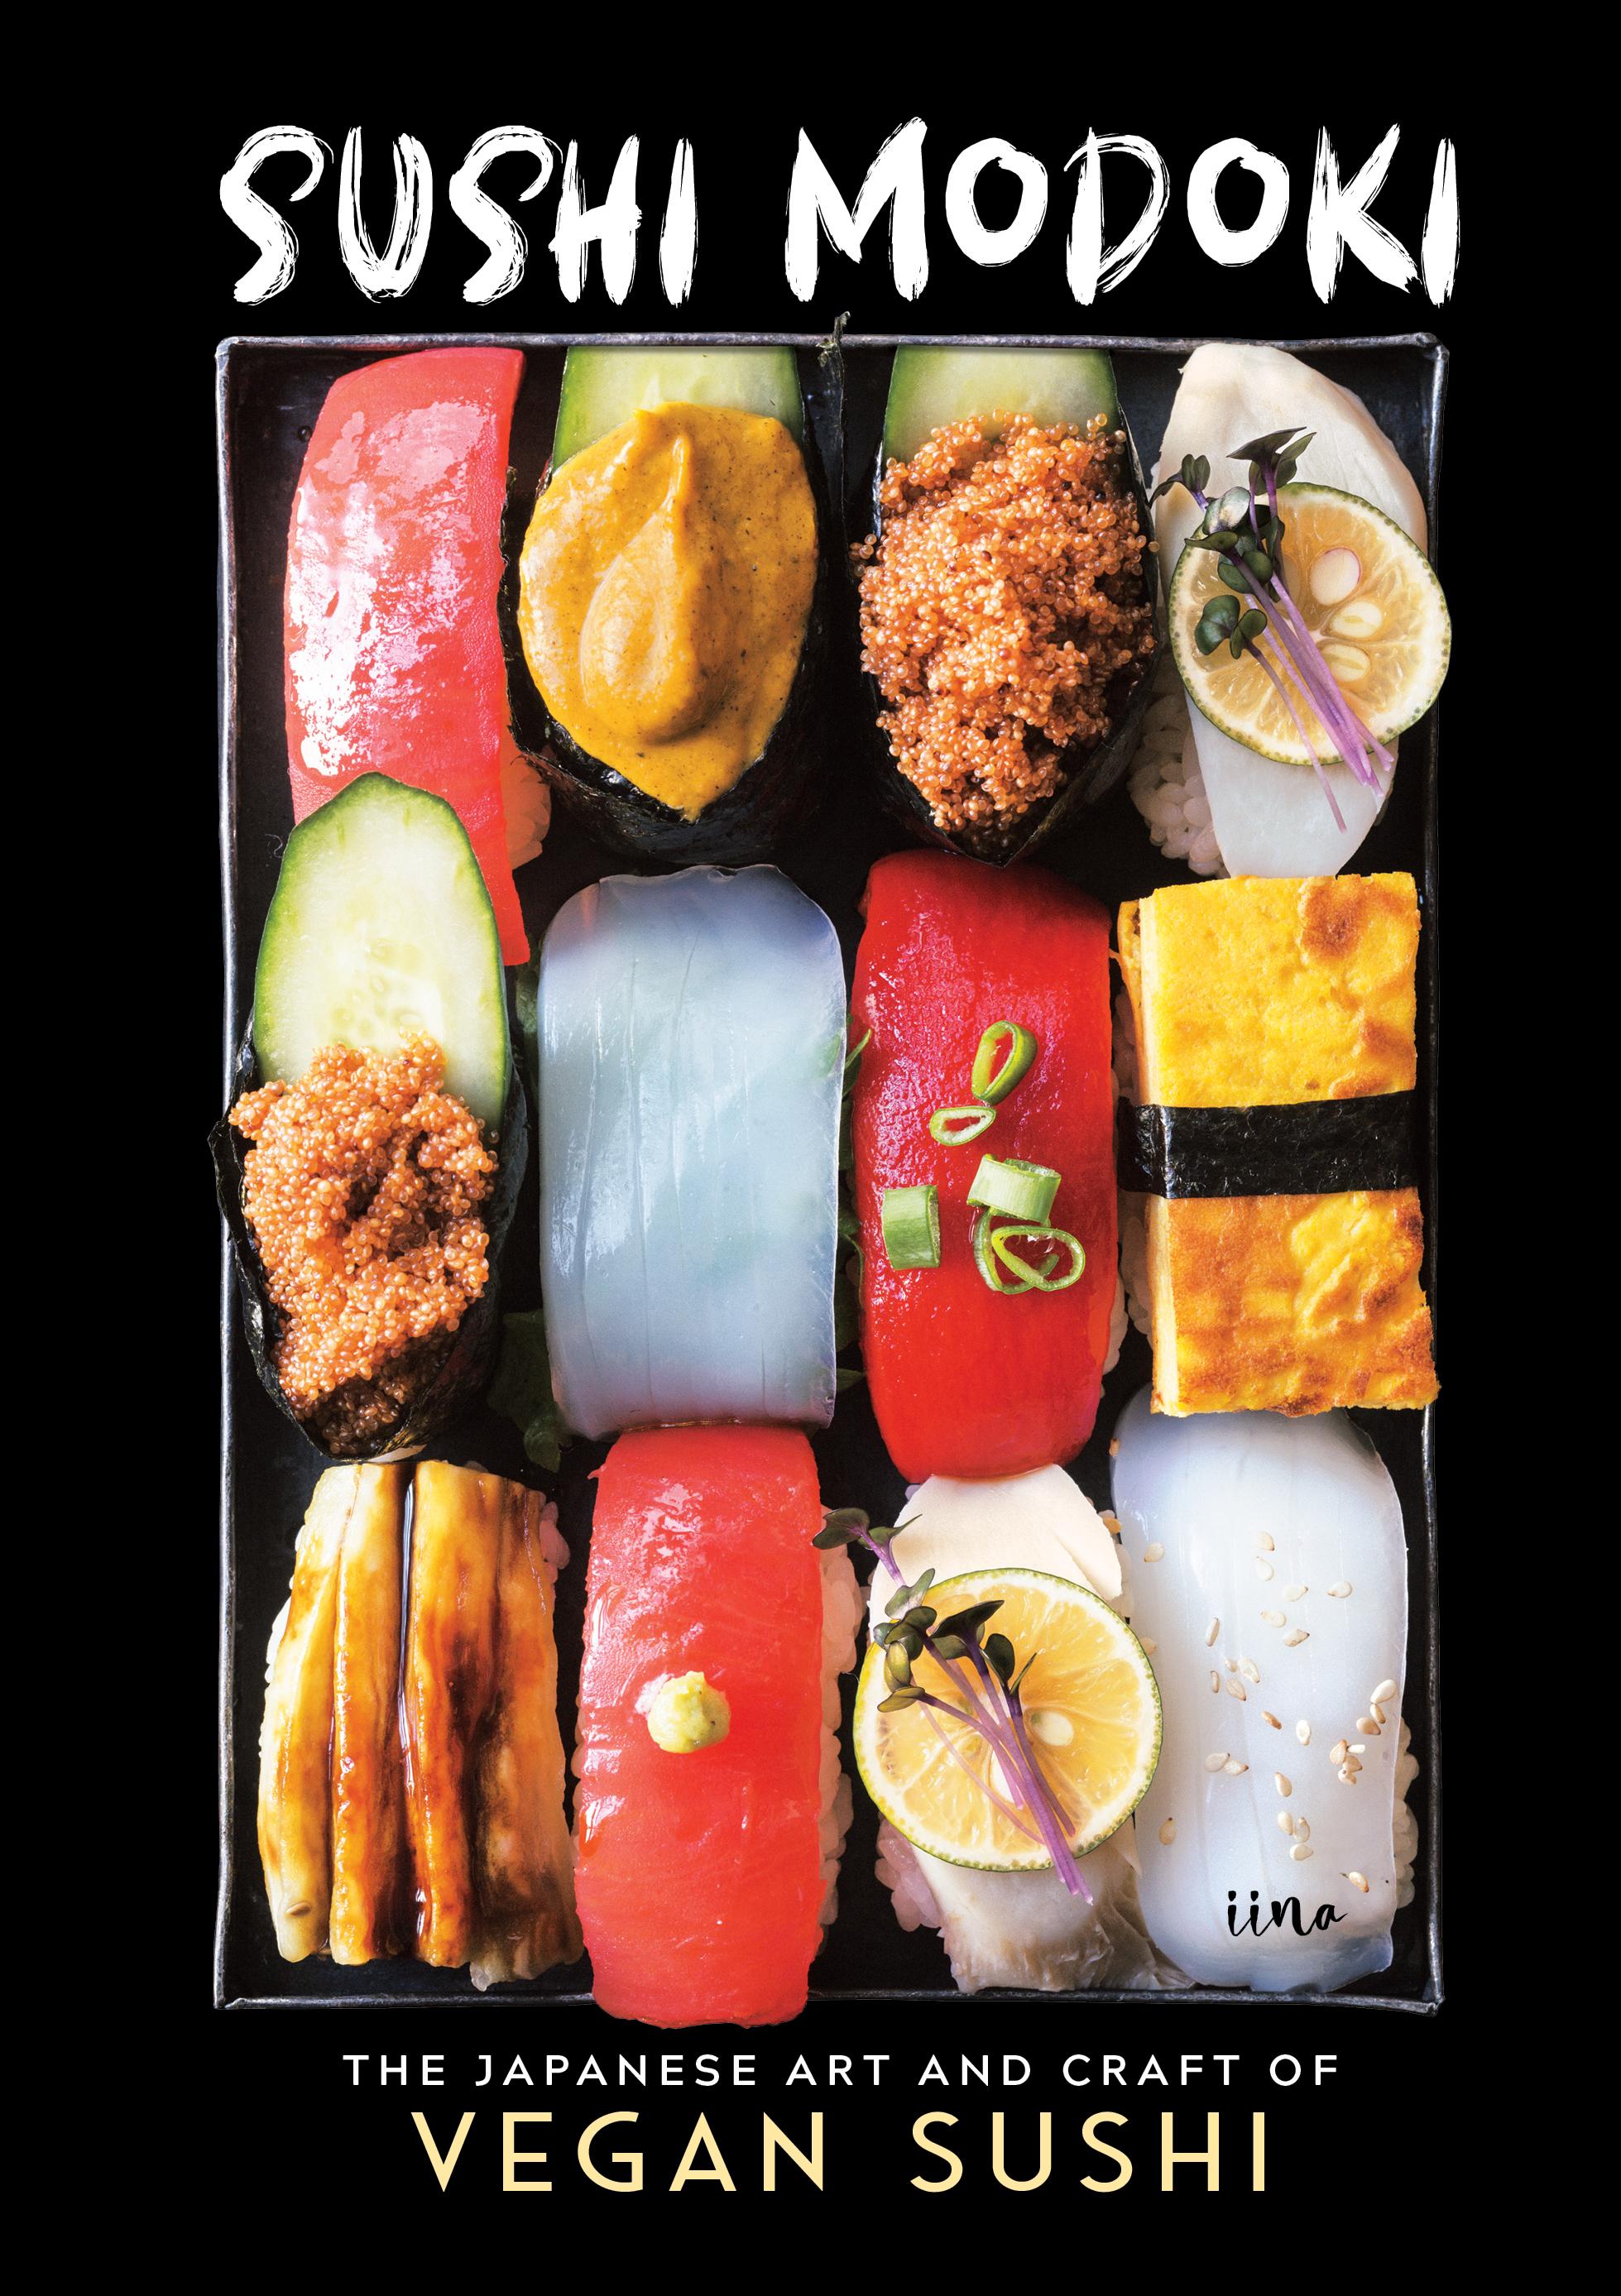 Sushi Modoki: The Japanese Art and Craft of Vegan Sushi